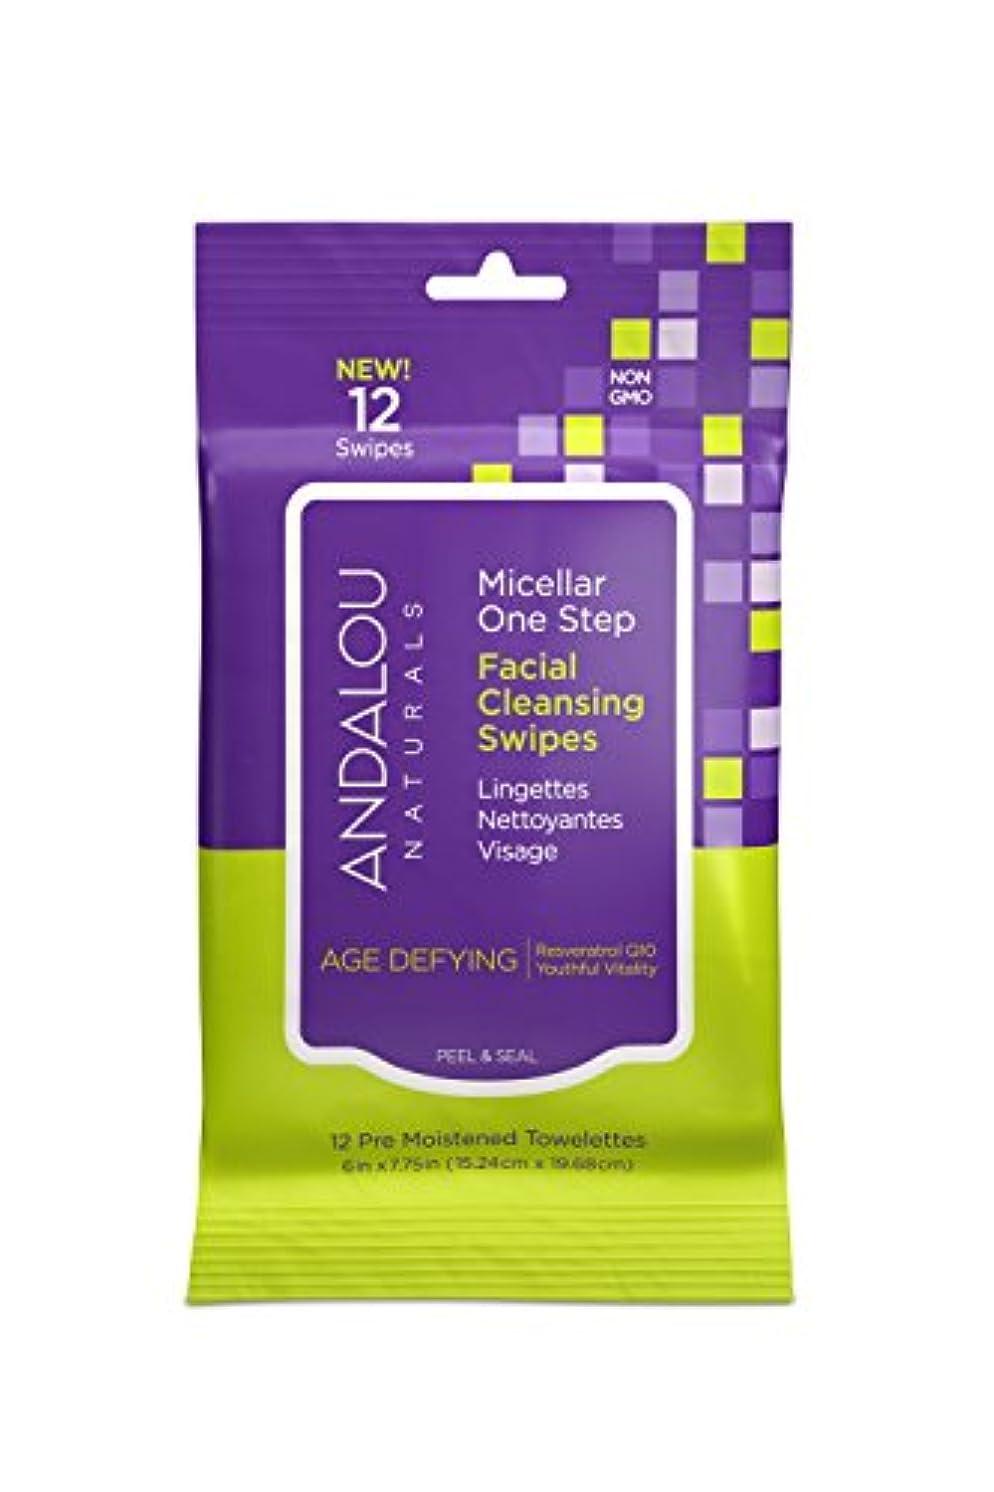 浮くスプーン中級オーガニック ボタニカル クレンジングシート 洗顔シート ナチュラル フルーツ幹細胞 「 Aミセラスワイプ 12枚入り 」 ANDALOU naturals アンダルー ナチュラルズ